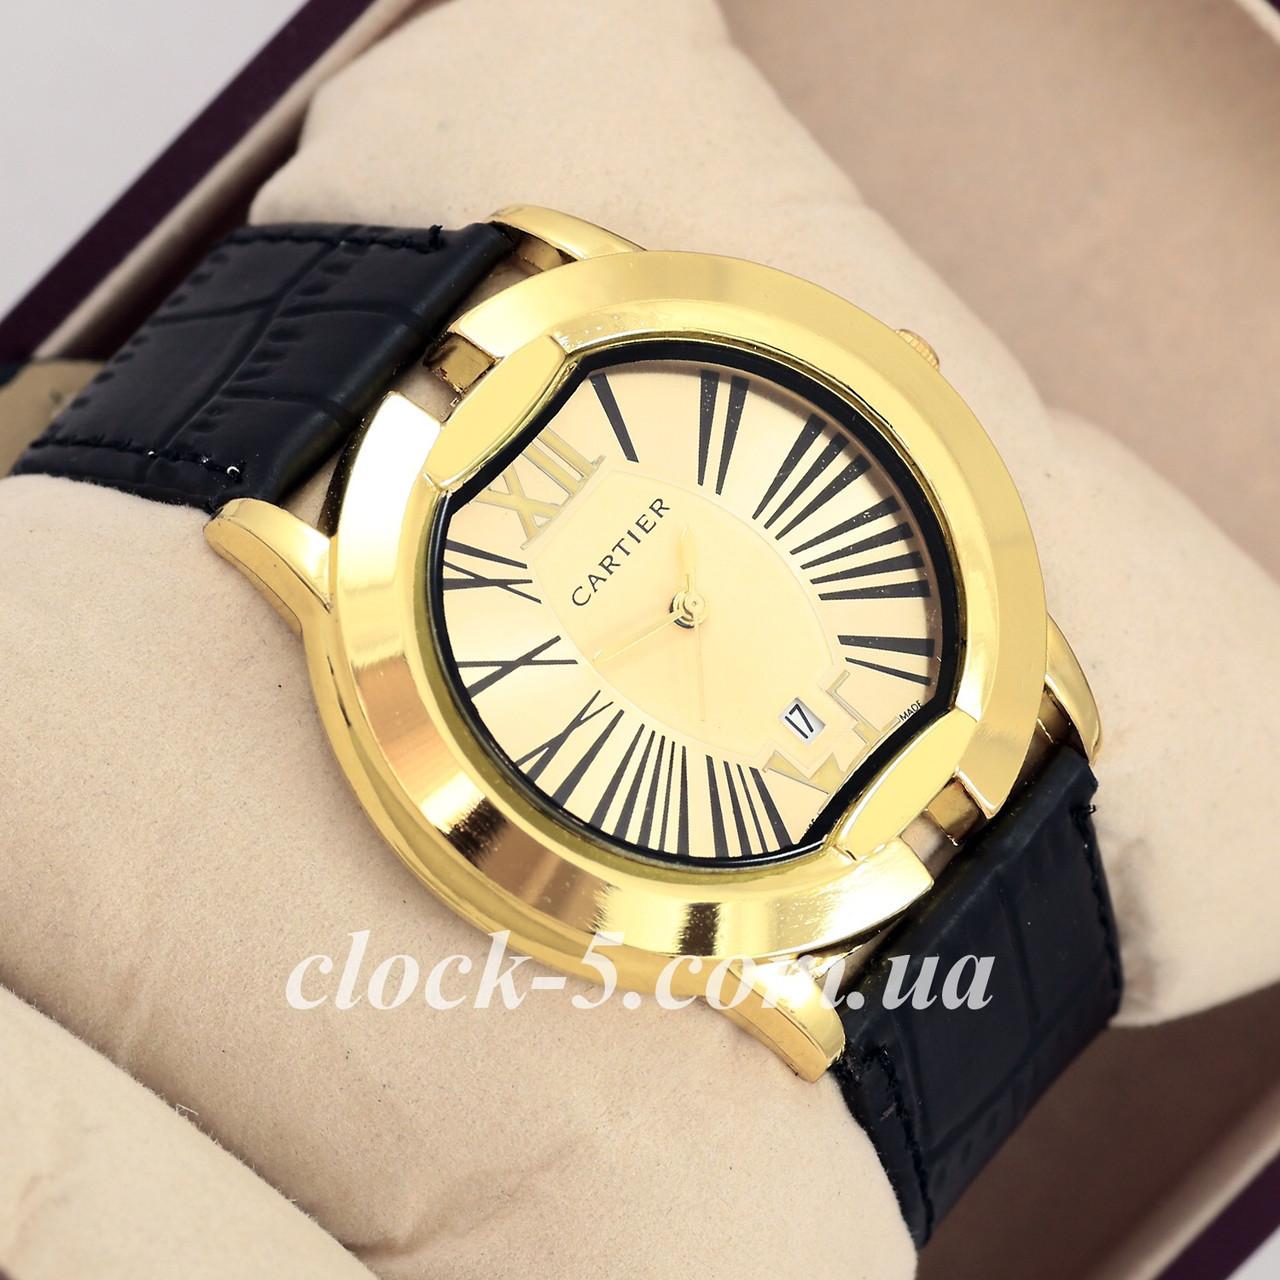 Купить часы с доставкой по украине купит наручные часы касио